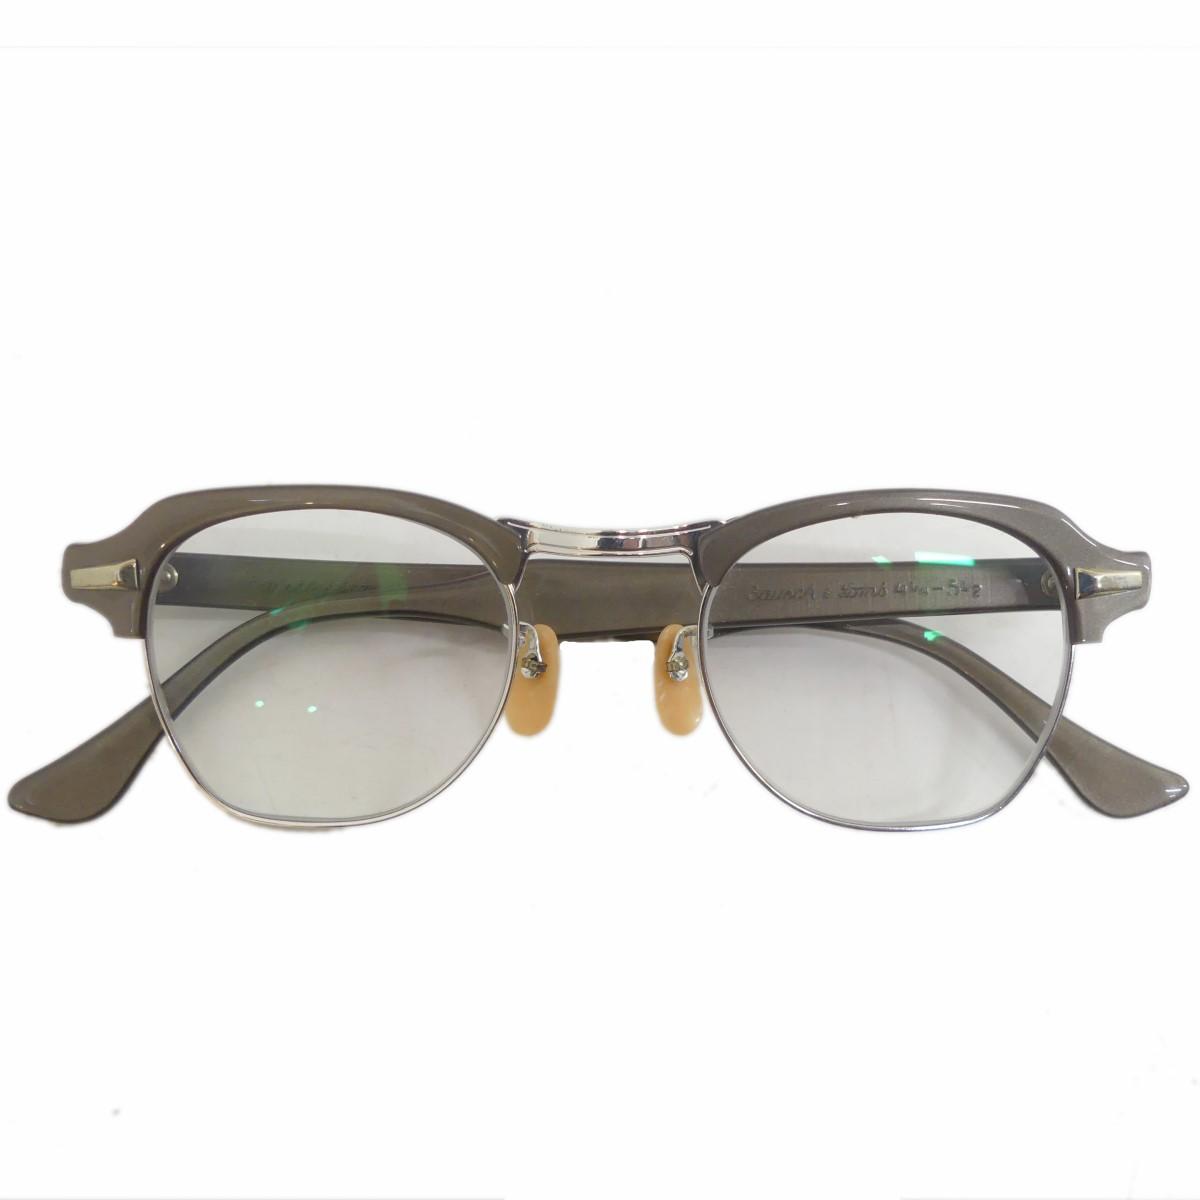 【中古】The SpectacleBausch&Lomb Optical Company ブラウン